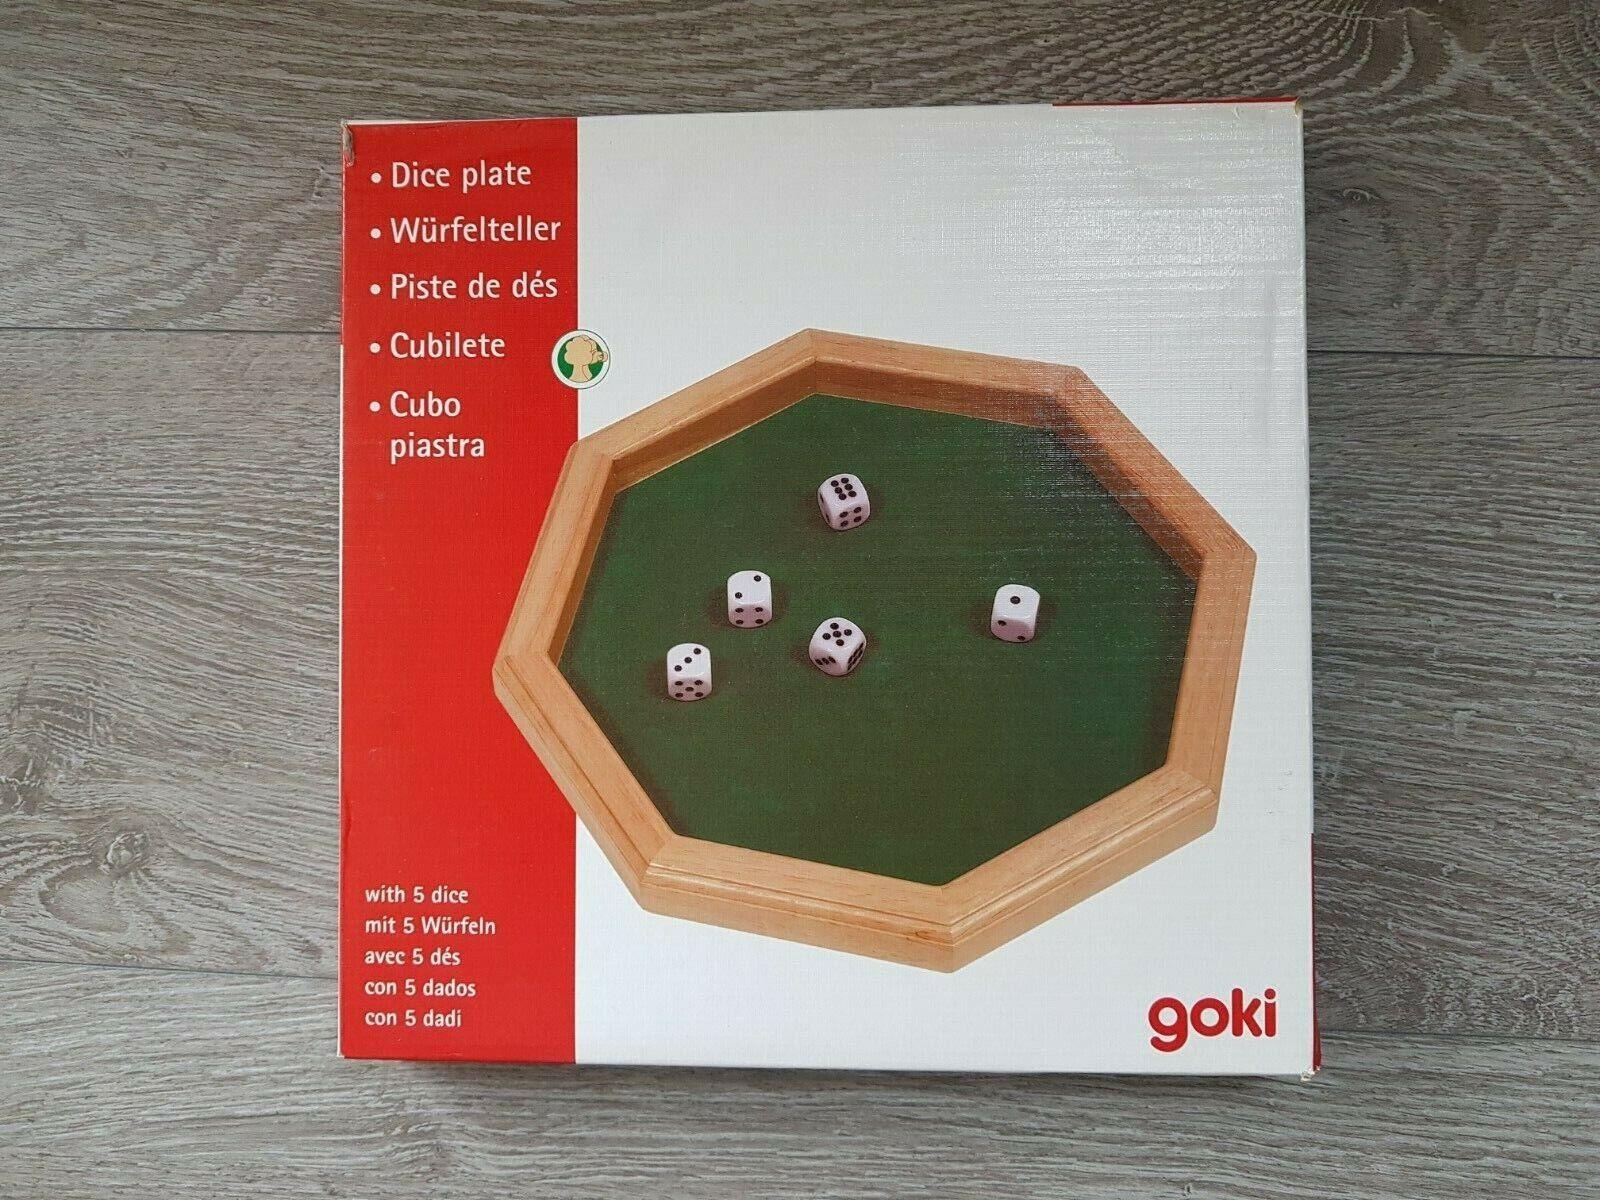 Goki 8-eckiger Würfelteller Würfelunterlage Holz Würfelbrett + 5 Würfel wie neu